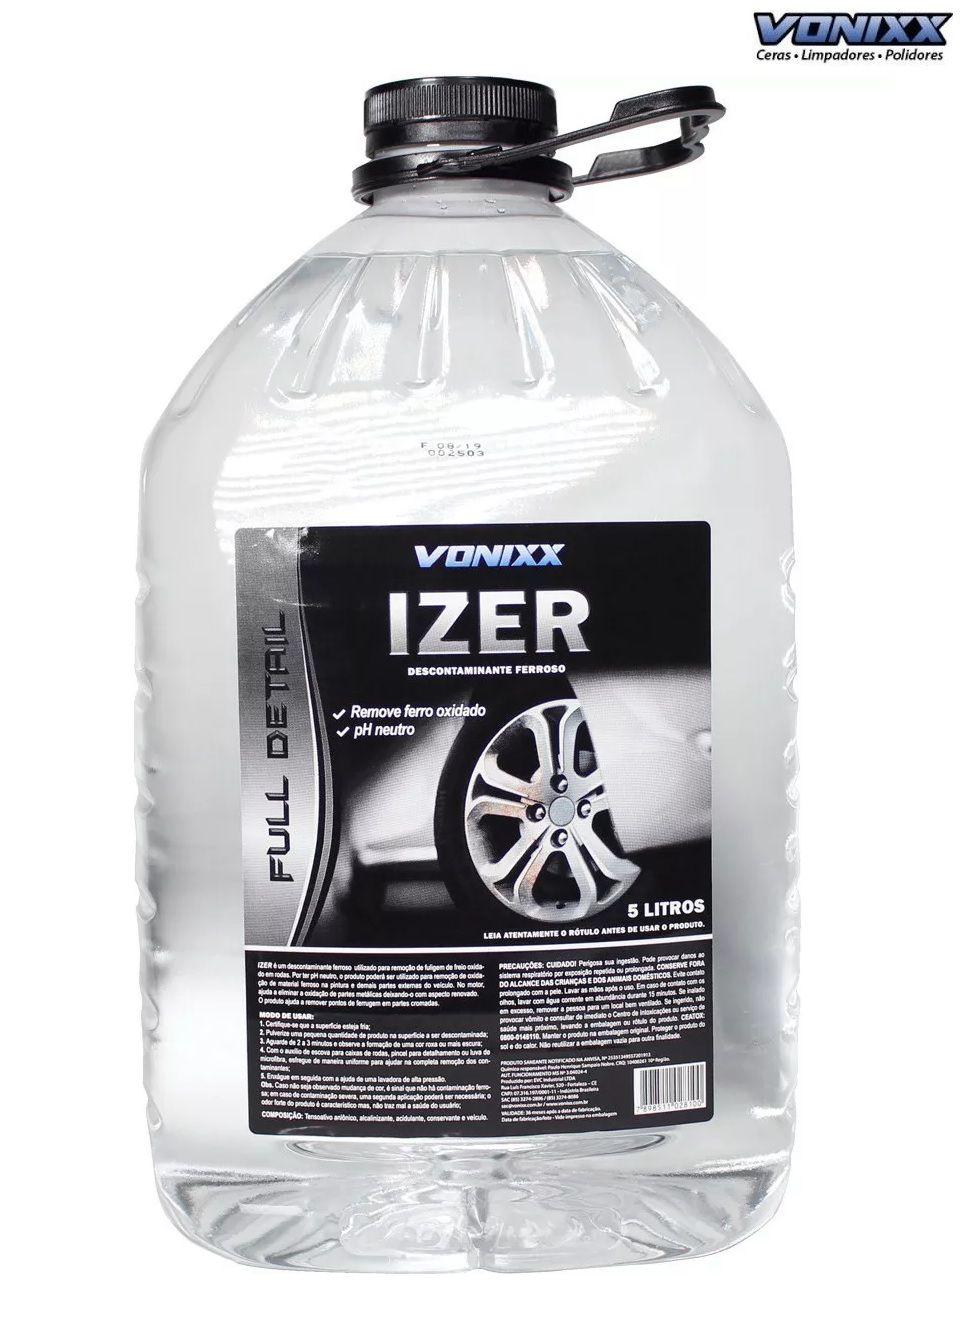 Izer 5l Descontaminante Ferroso Vonixx Iron remove ferrugem